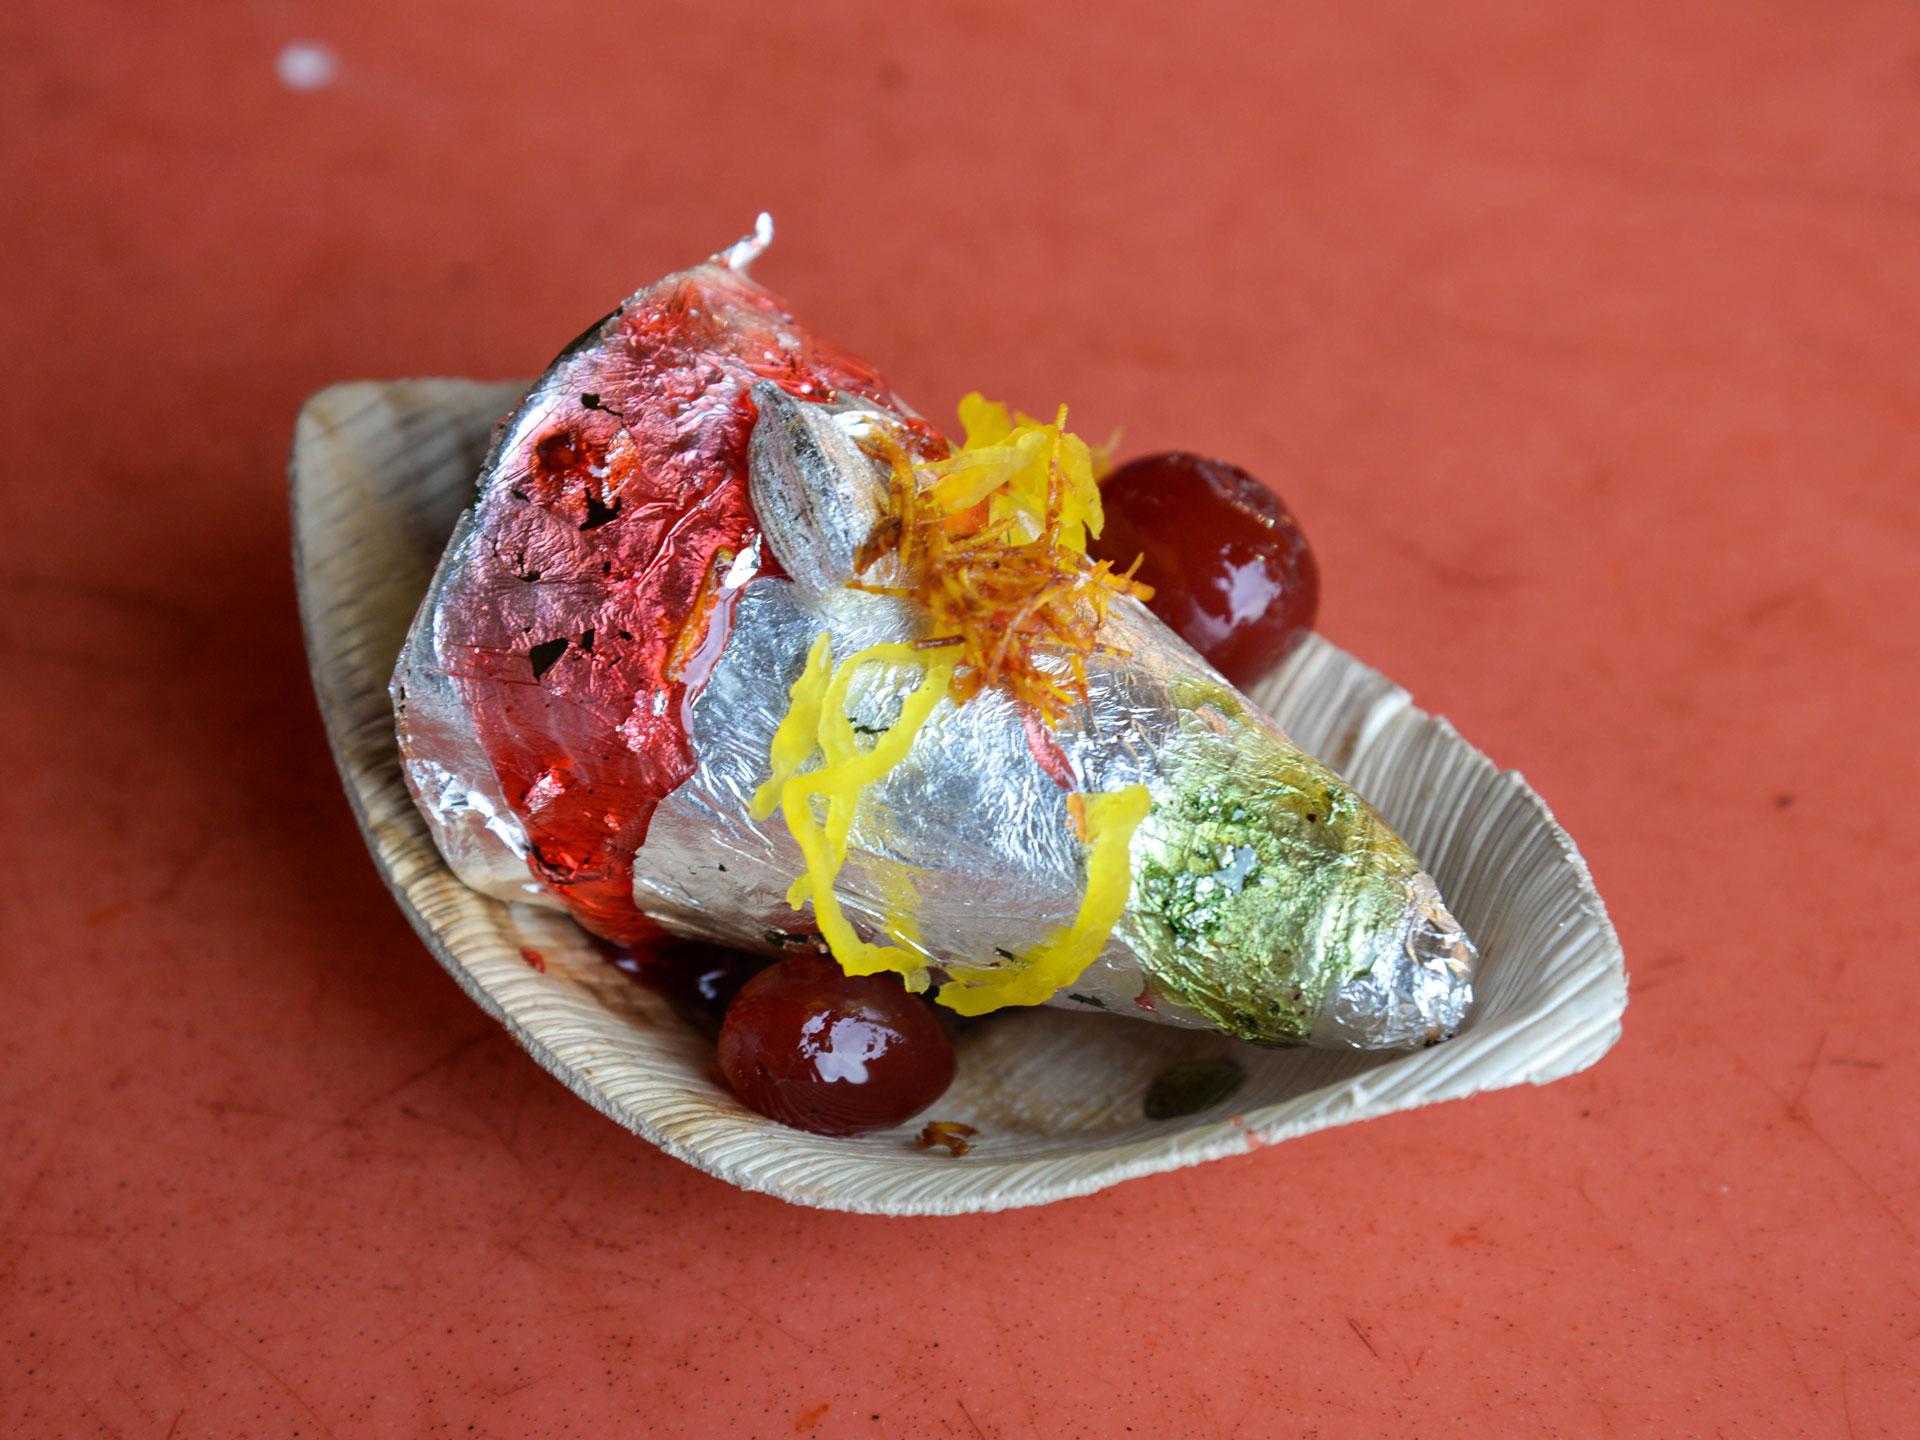 Bhagat ka Navratan Paan, Bhagat Paan Bhandar, Jaipur -Taste